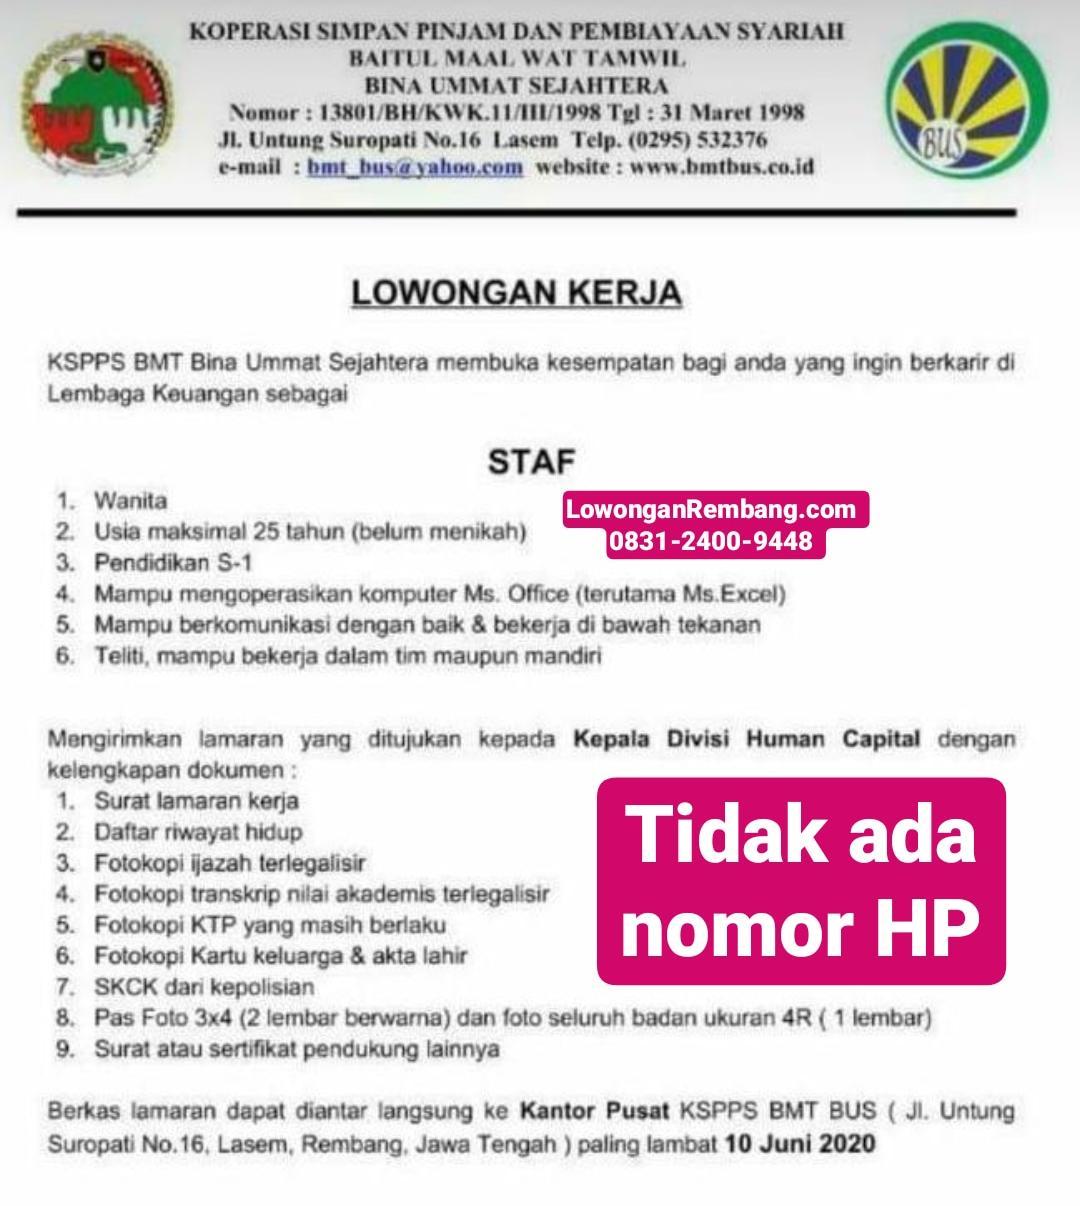 Lowongan Kerja Staf KJKS BMT BUS Lasem Rembang